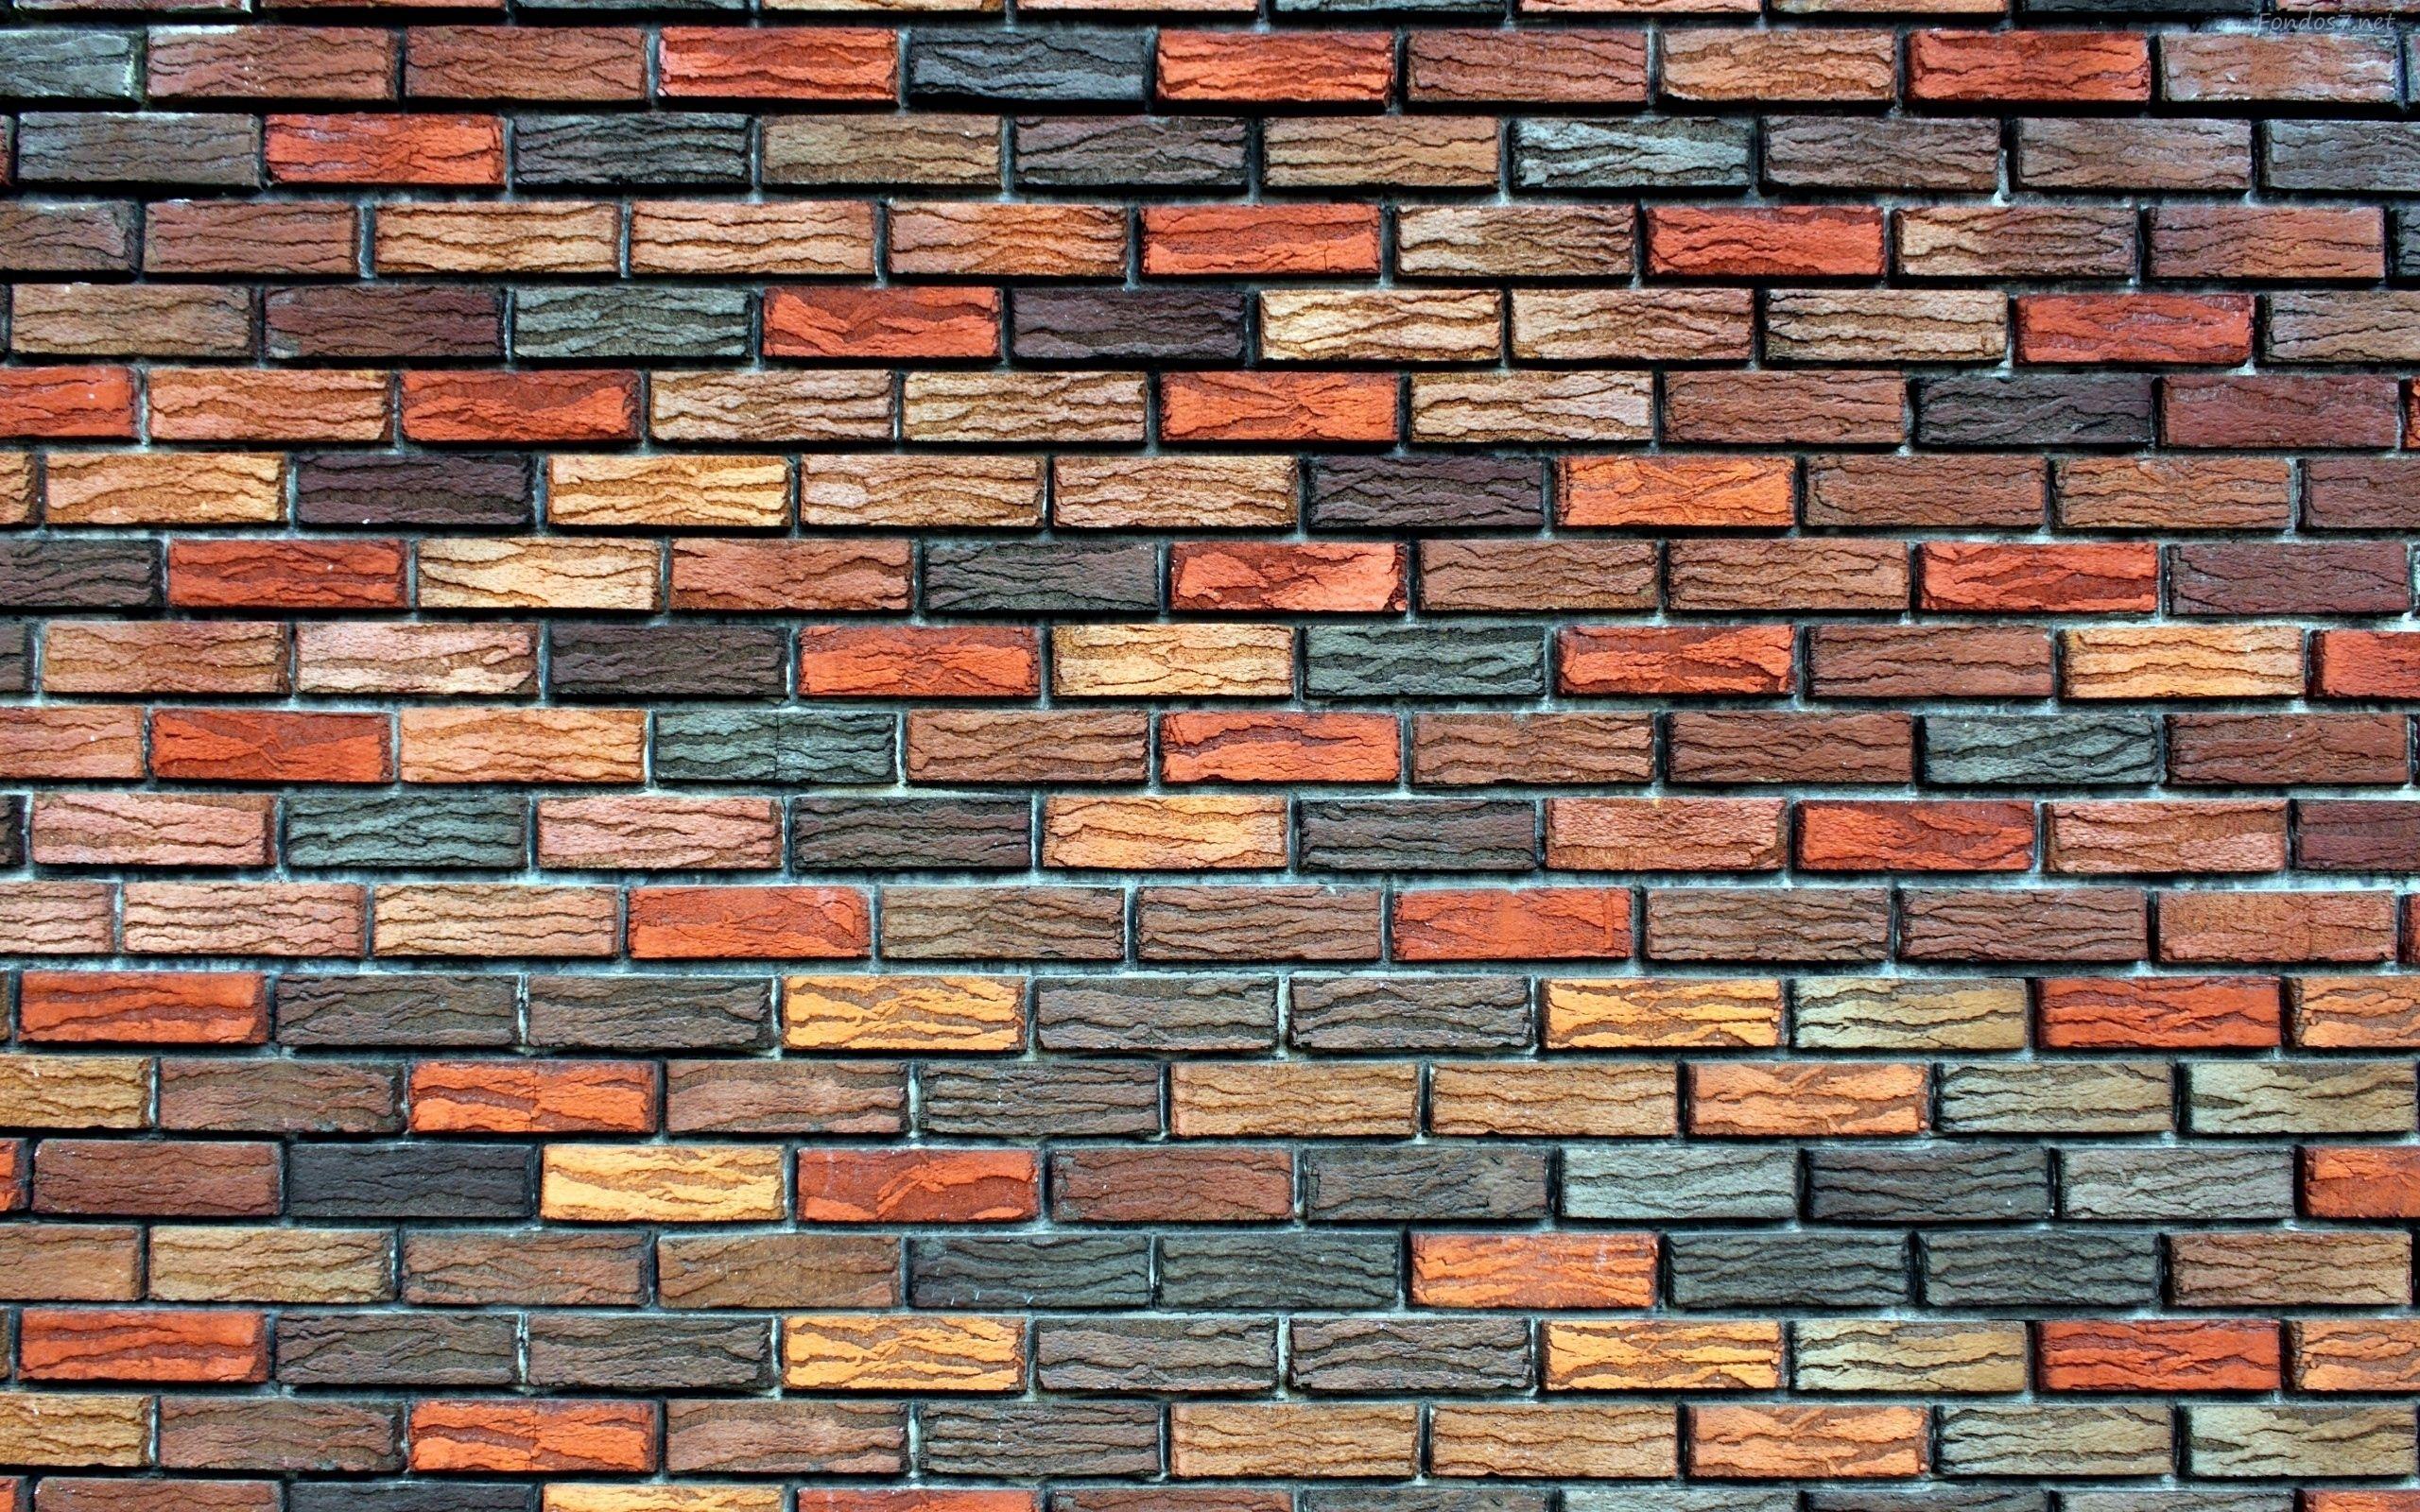 145972 скачать обои Текстуры, Стена, Камни, Кирпич, Фон, Текстура - заставки и картинки бесплатно